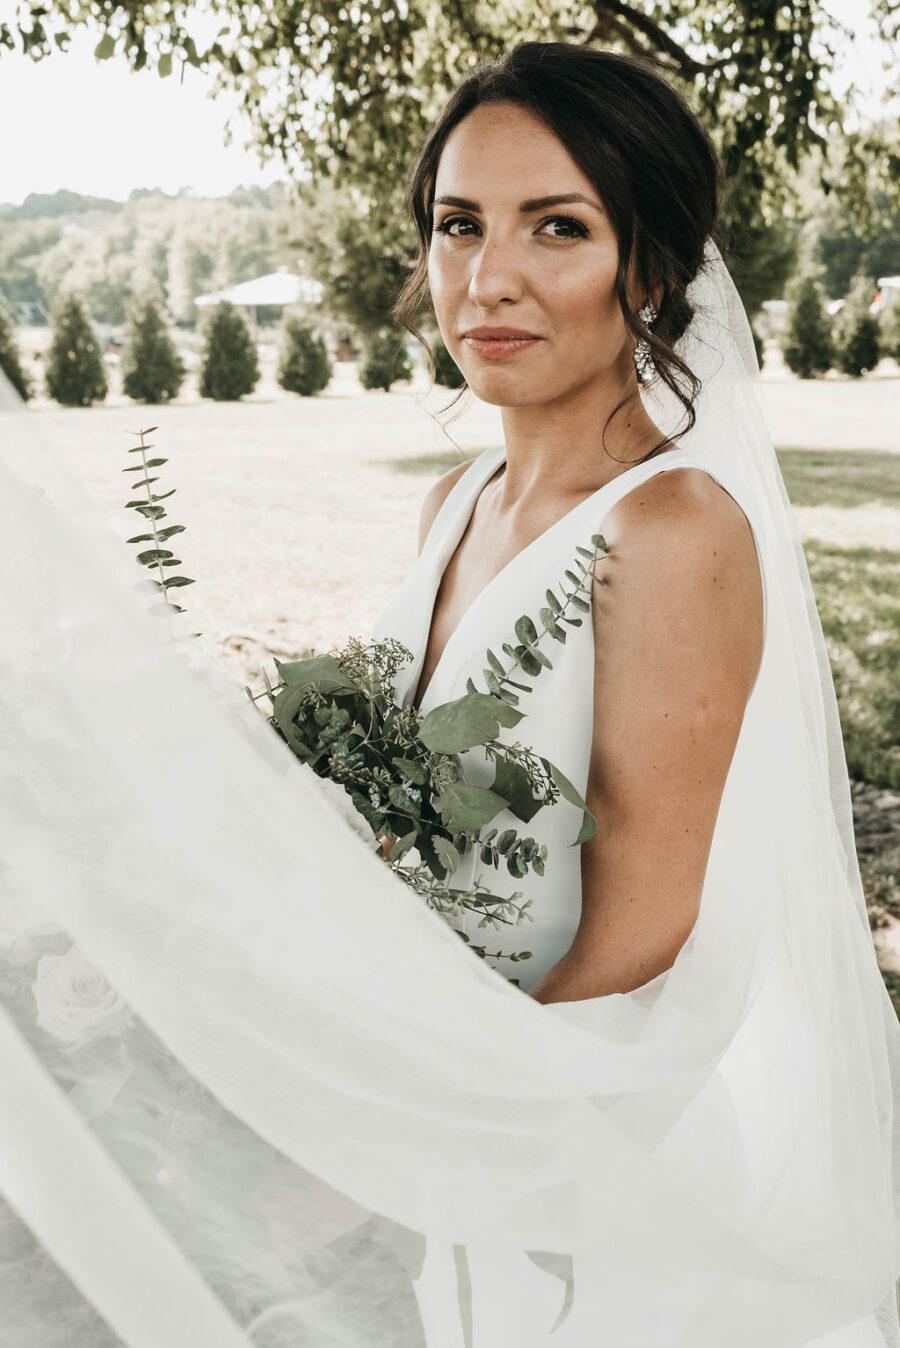 bridal portrait at Allenbrooke Farms